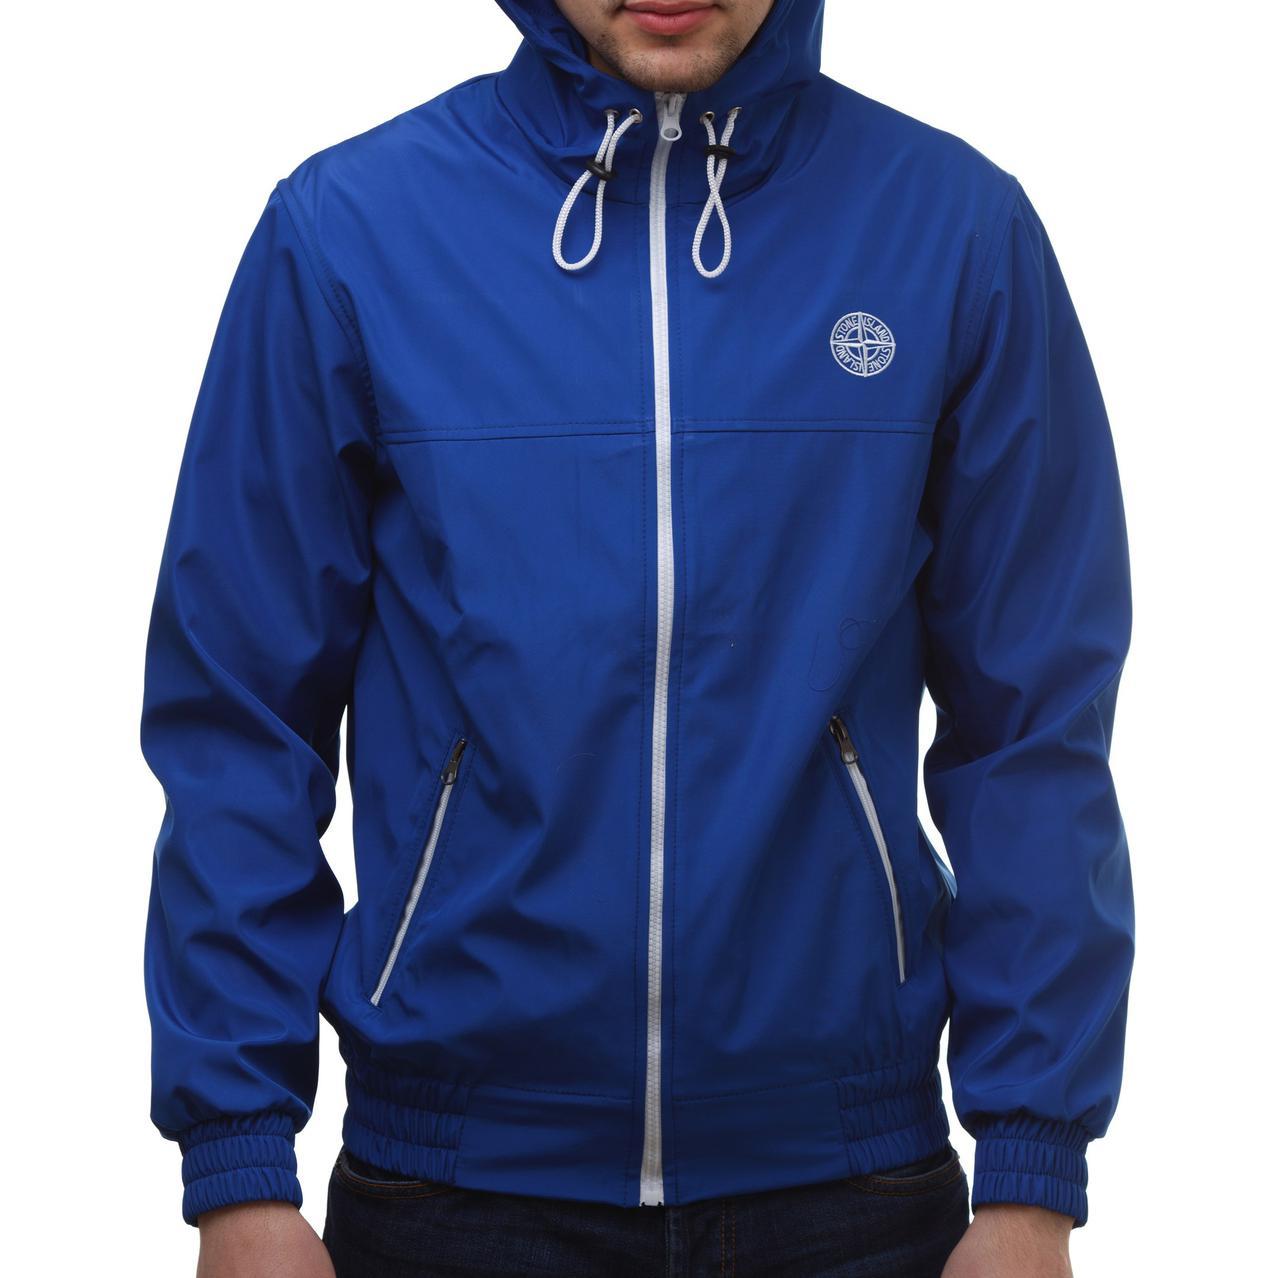 03a2f95f7a2 Ветровка в стиле Stone Island синяя - Ataman Shop — Интернет-магазин  молодежной одежды в